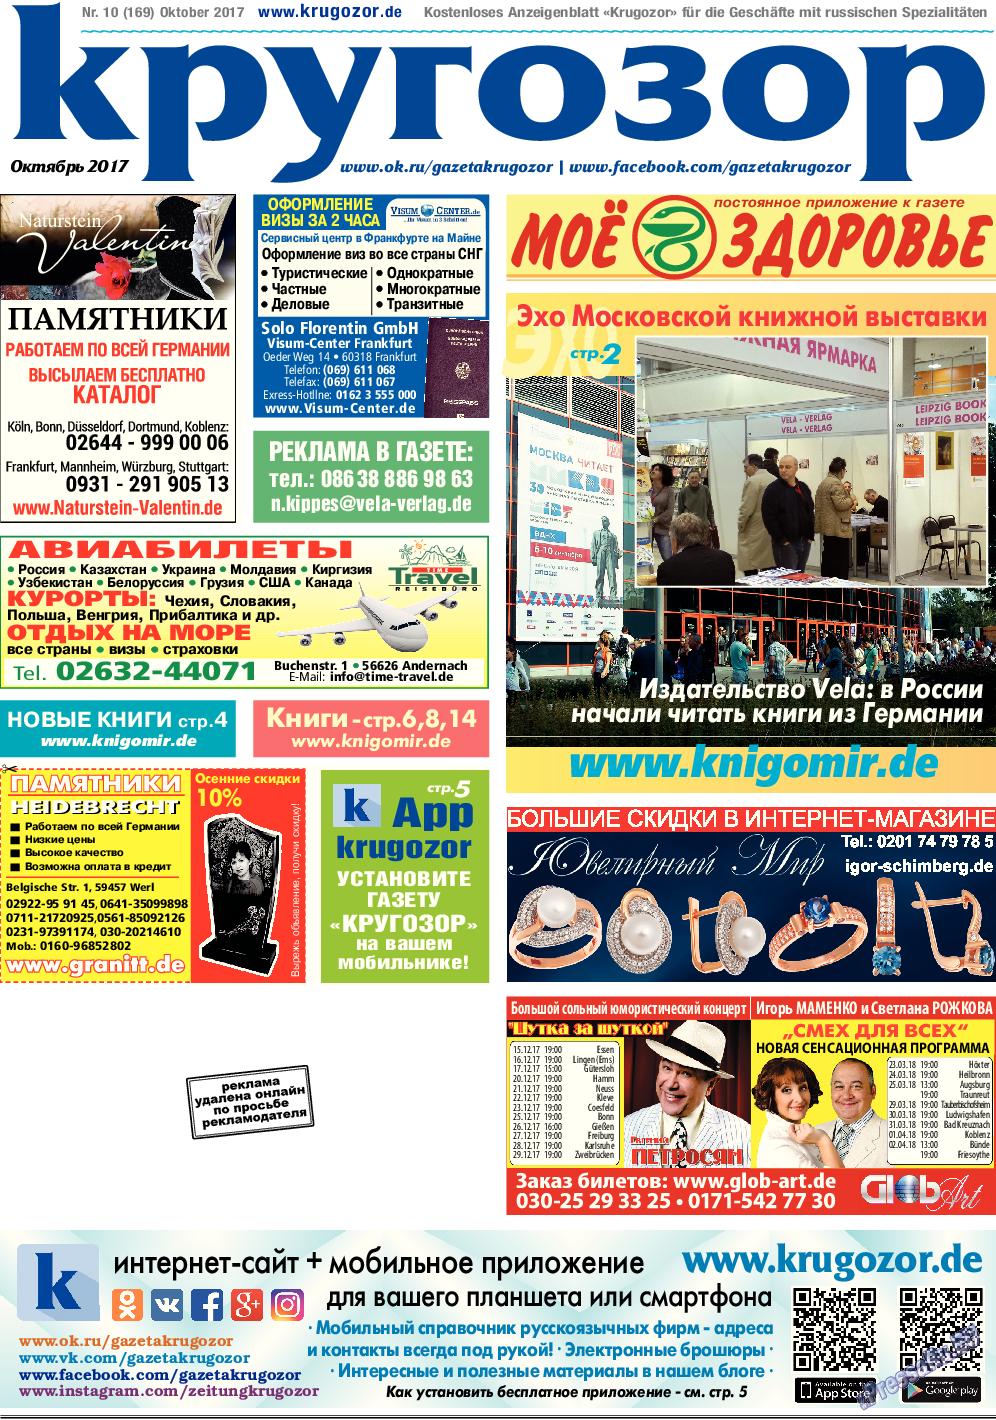 Кругозор (газета). 2017 год, номер 10, стр. 1